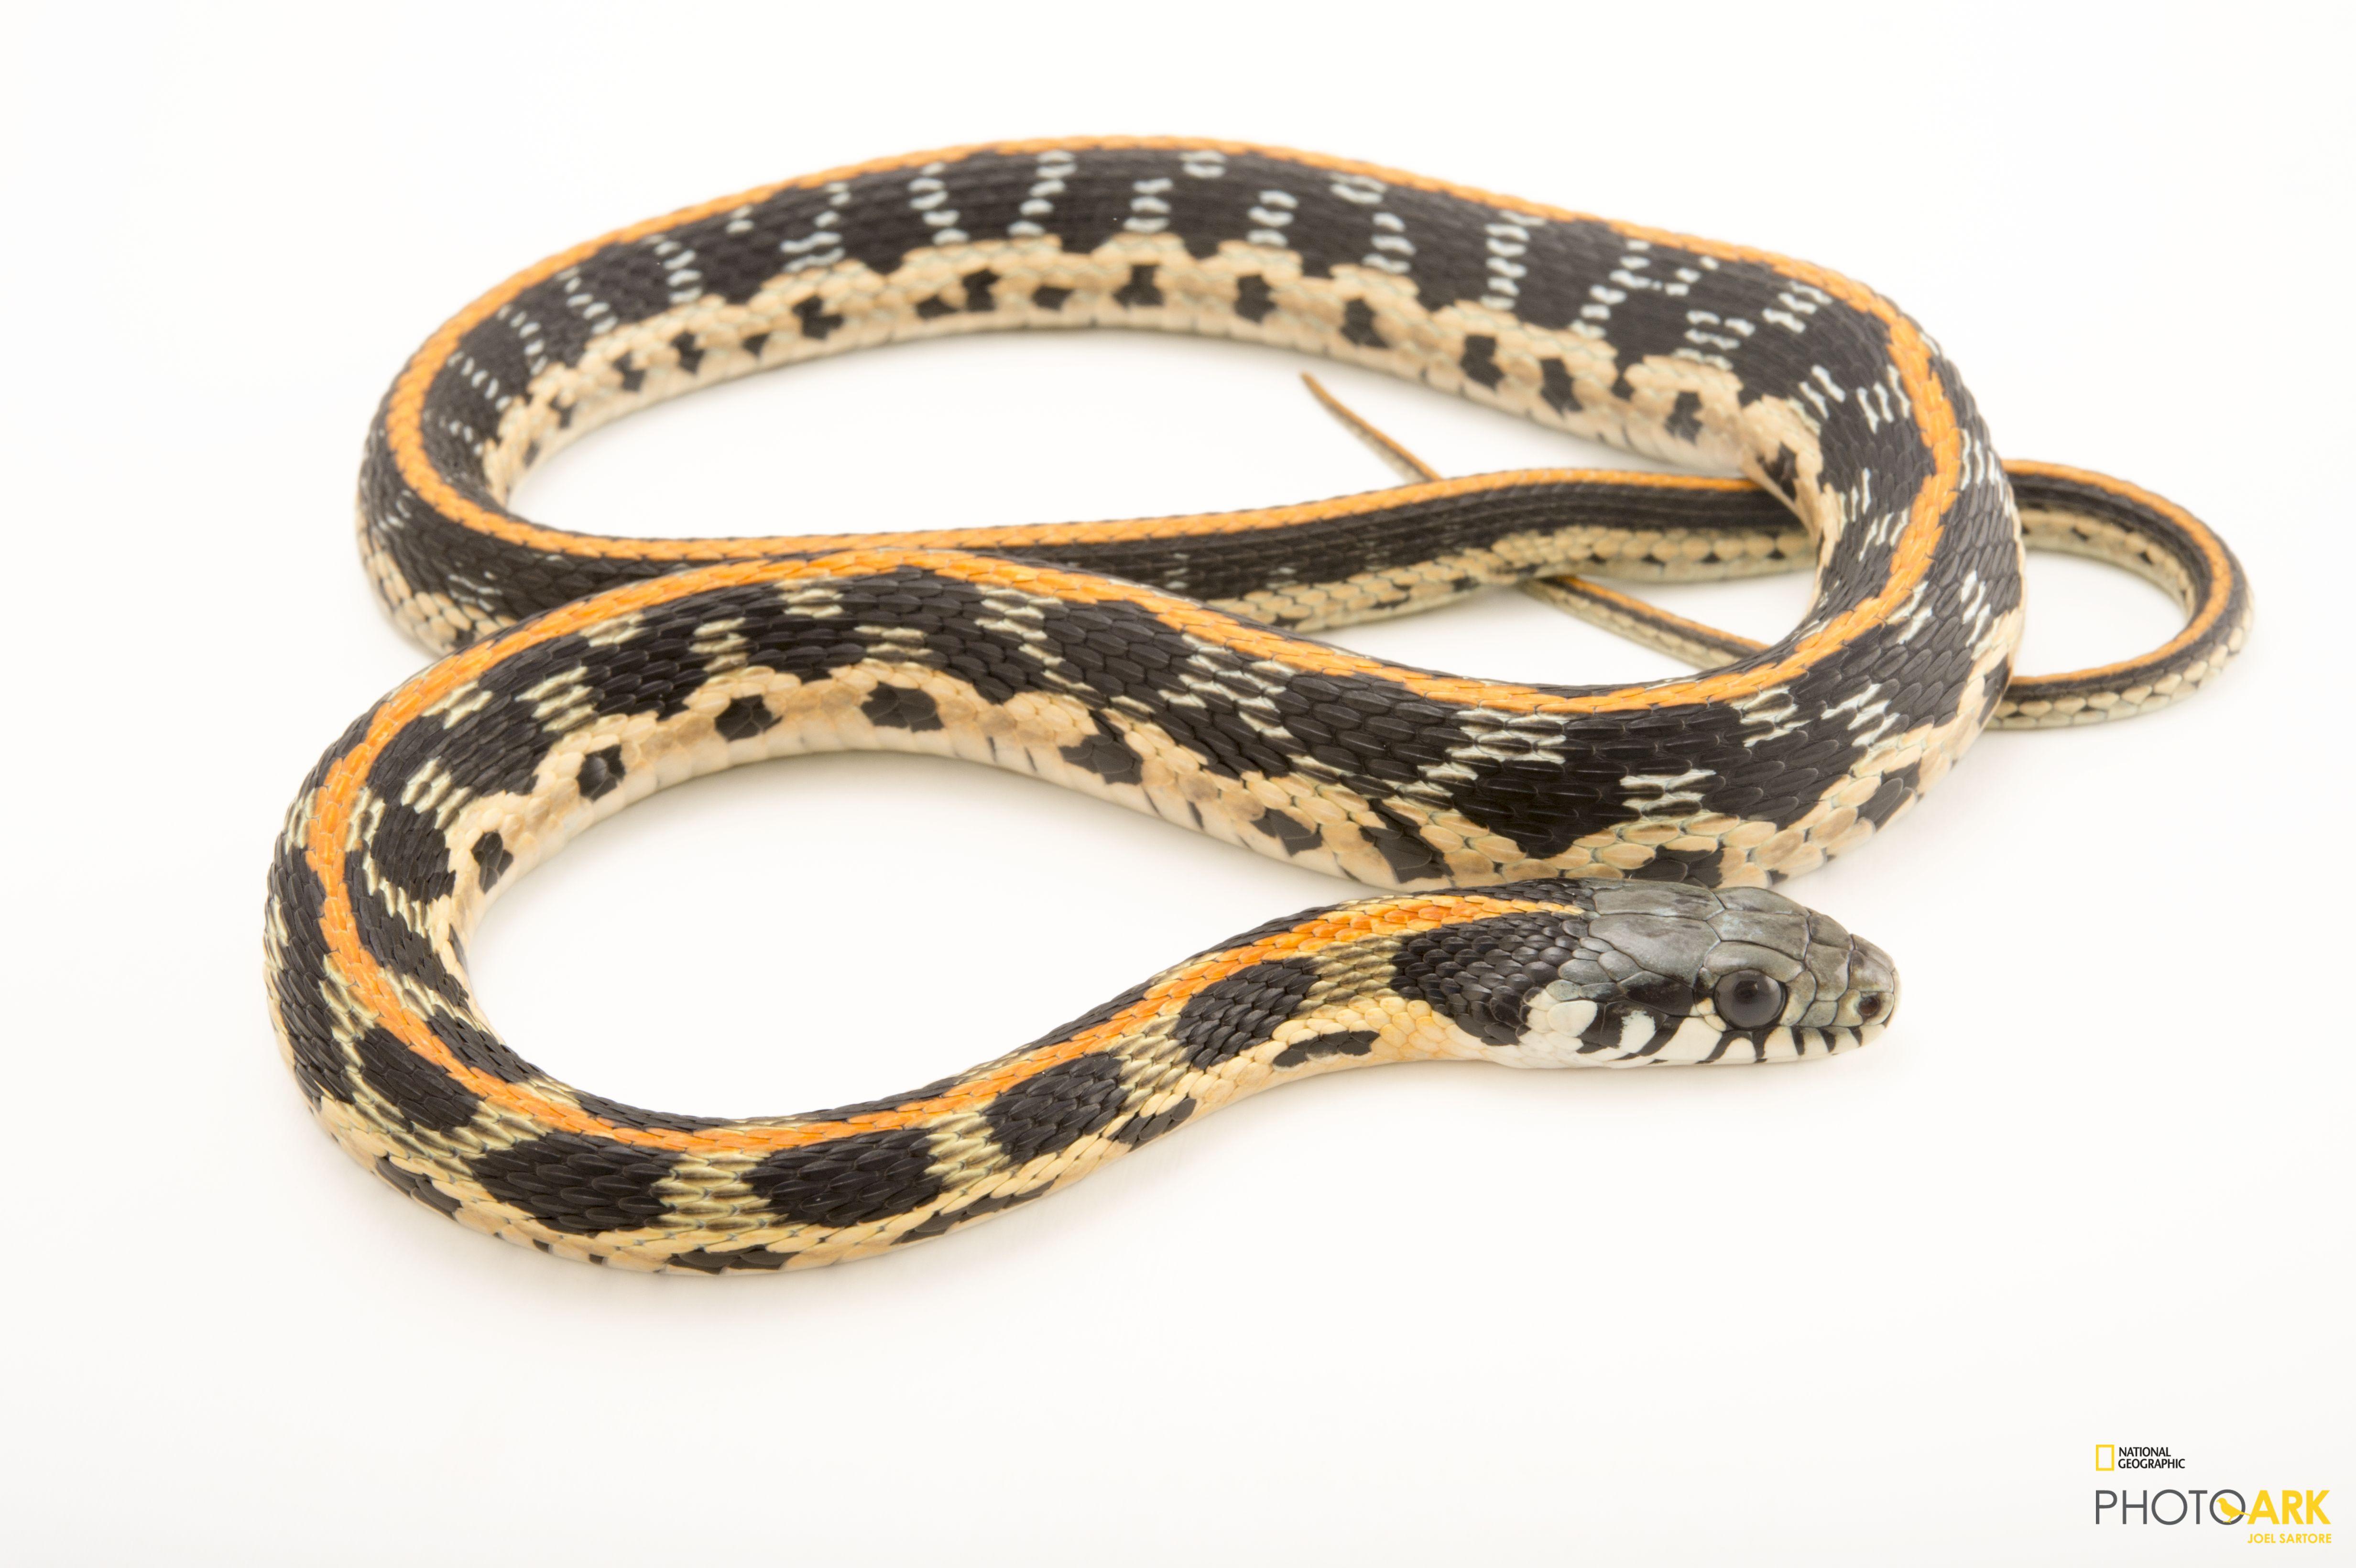 Photo Ark Home Eastern Blackneck Garter Snake | National